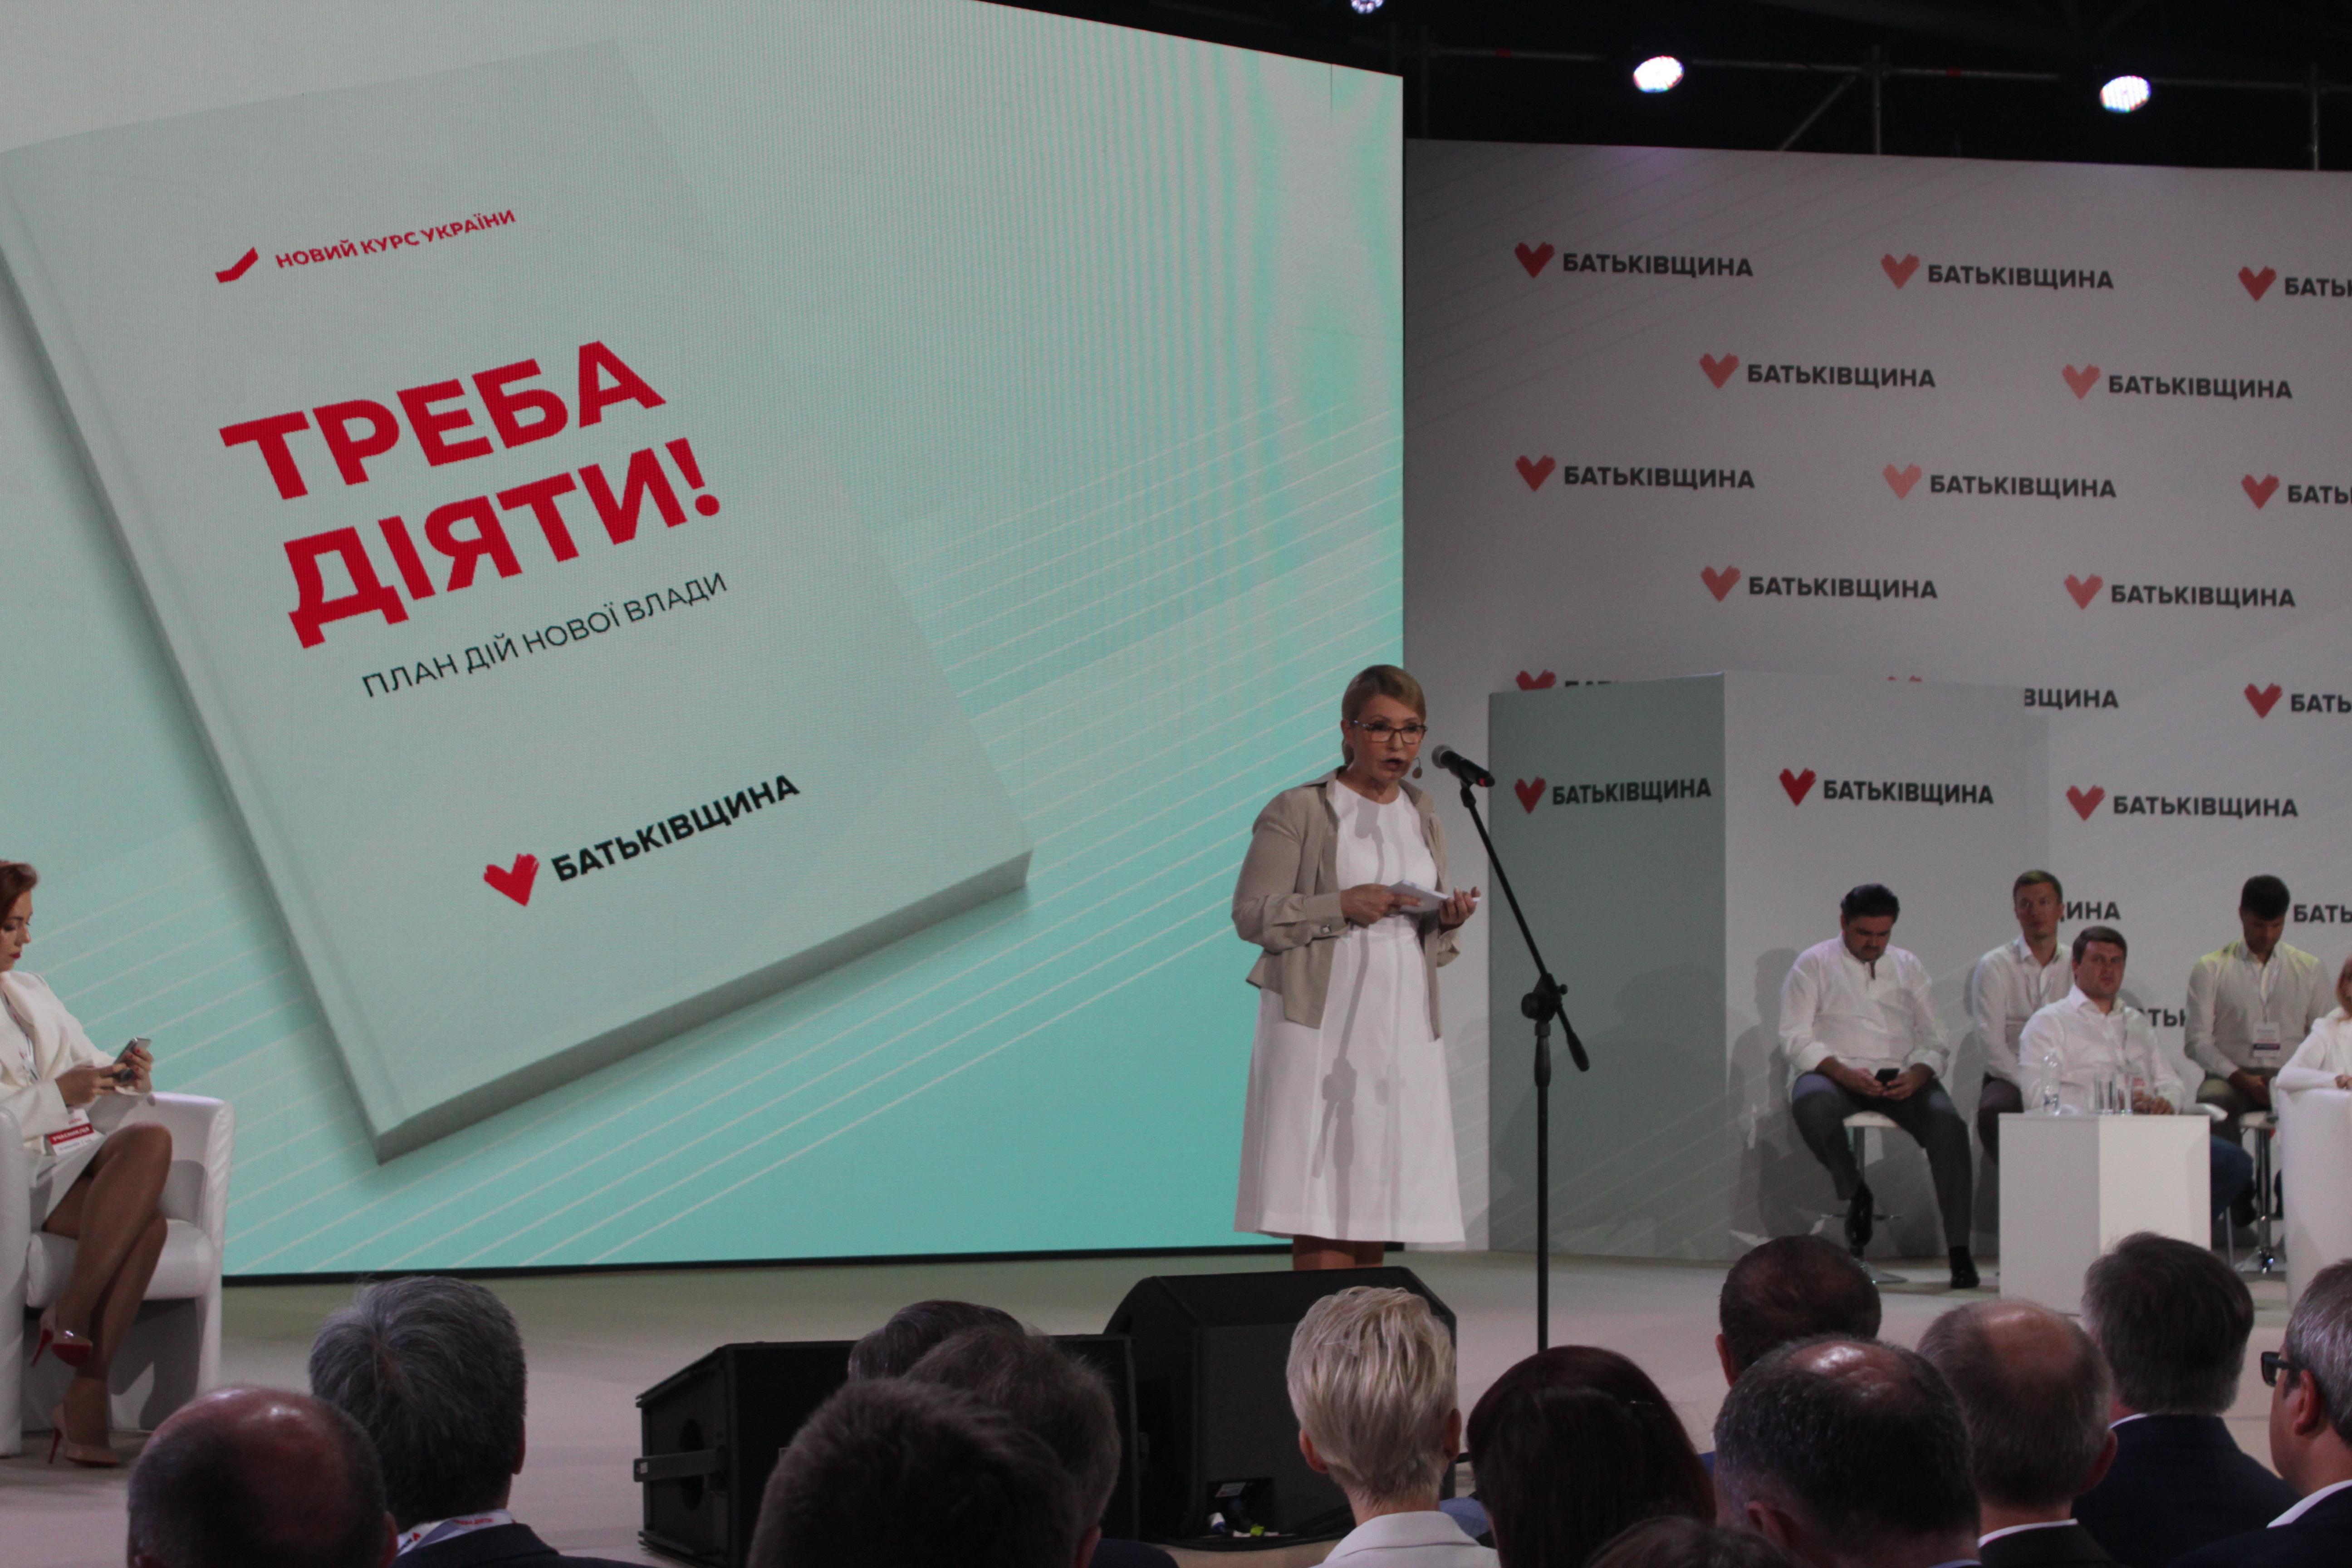 Юлія Тимошенко: Ми зробимо все, аби діяти грамотно та результативно для людей